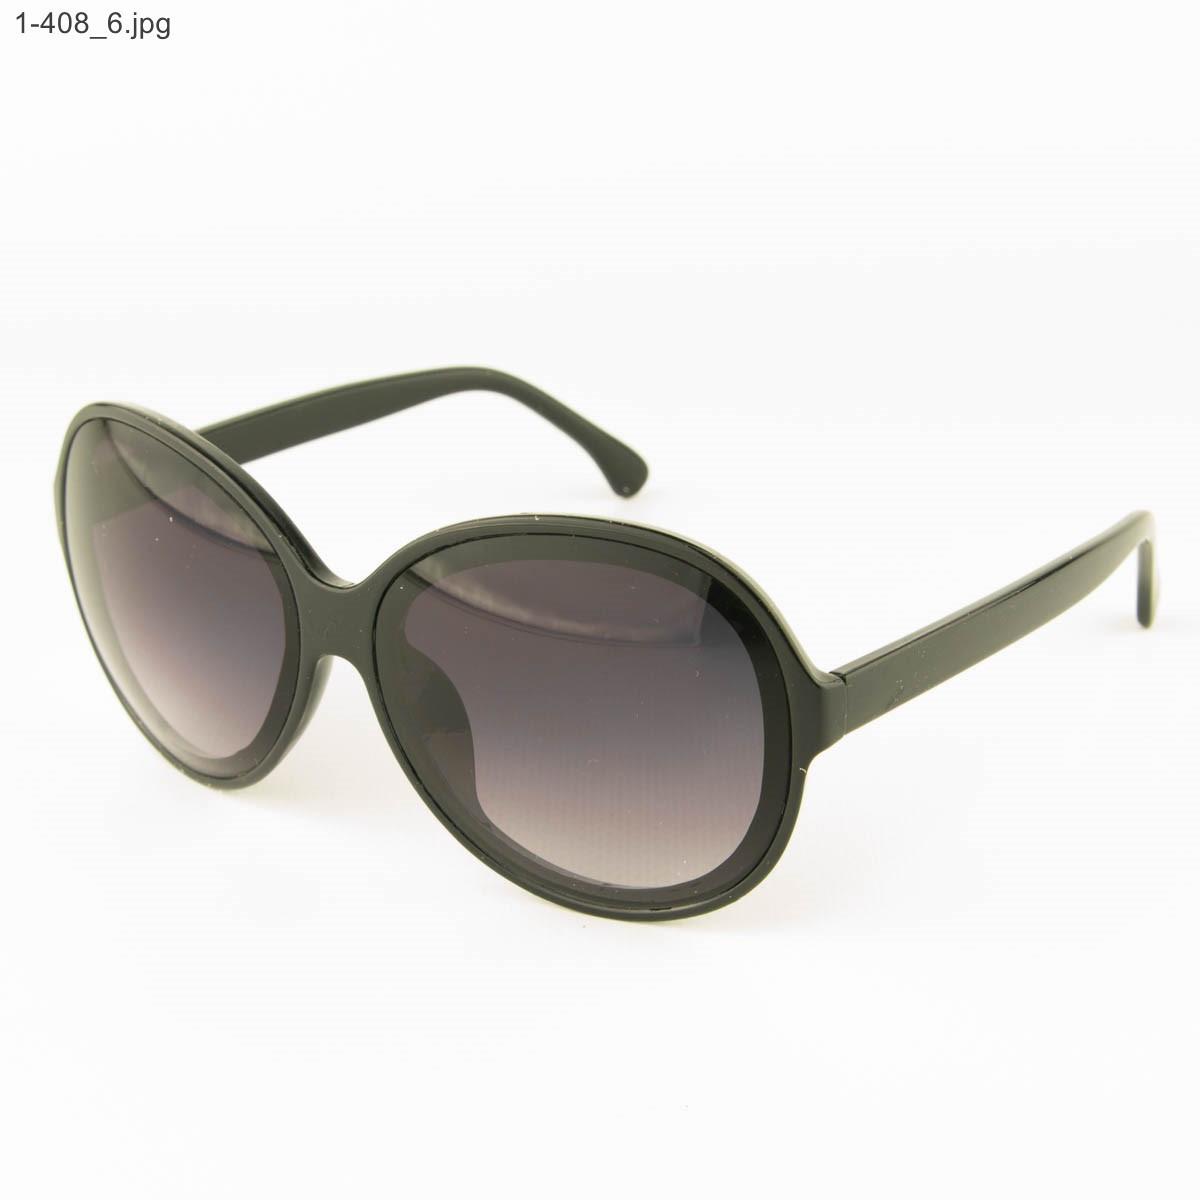 Оптом молодежные солнцезащитные очки - Черные с черной линзой - 1-408